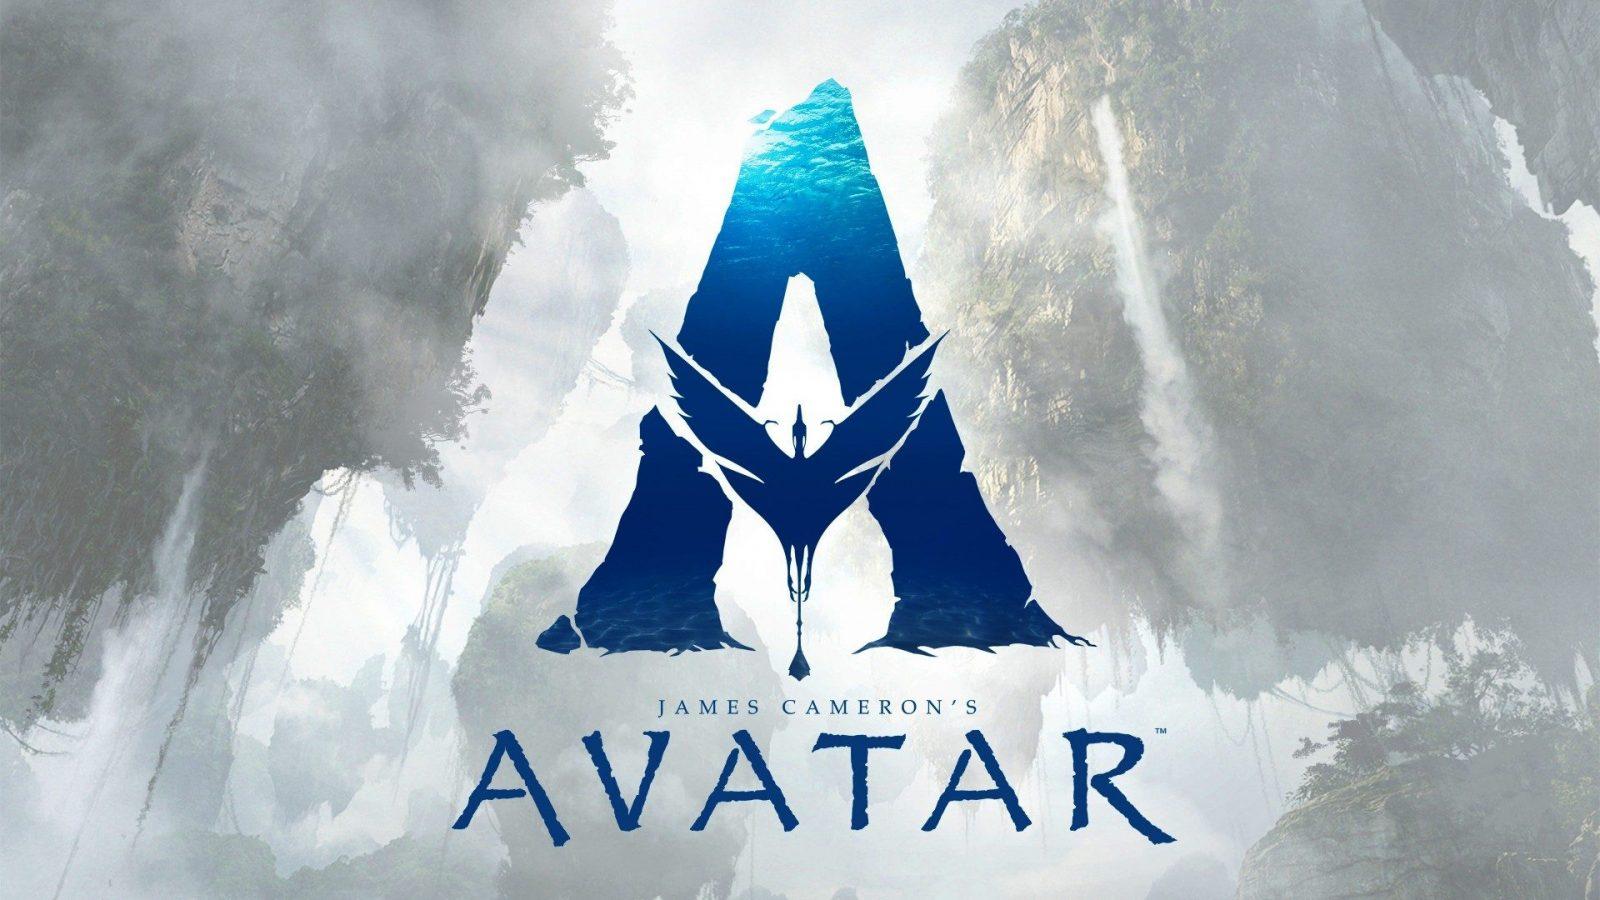 Джеймс Кэмерон рассказал, почему задержались сиквелы «Аватара».